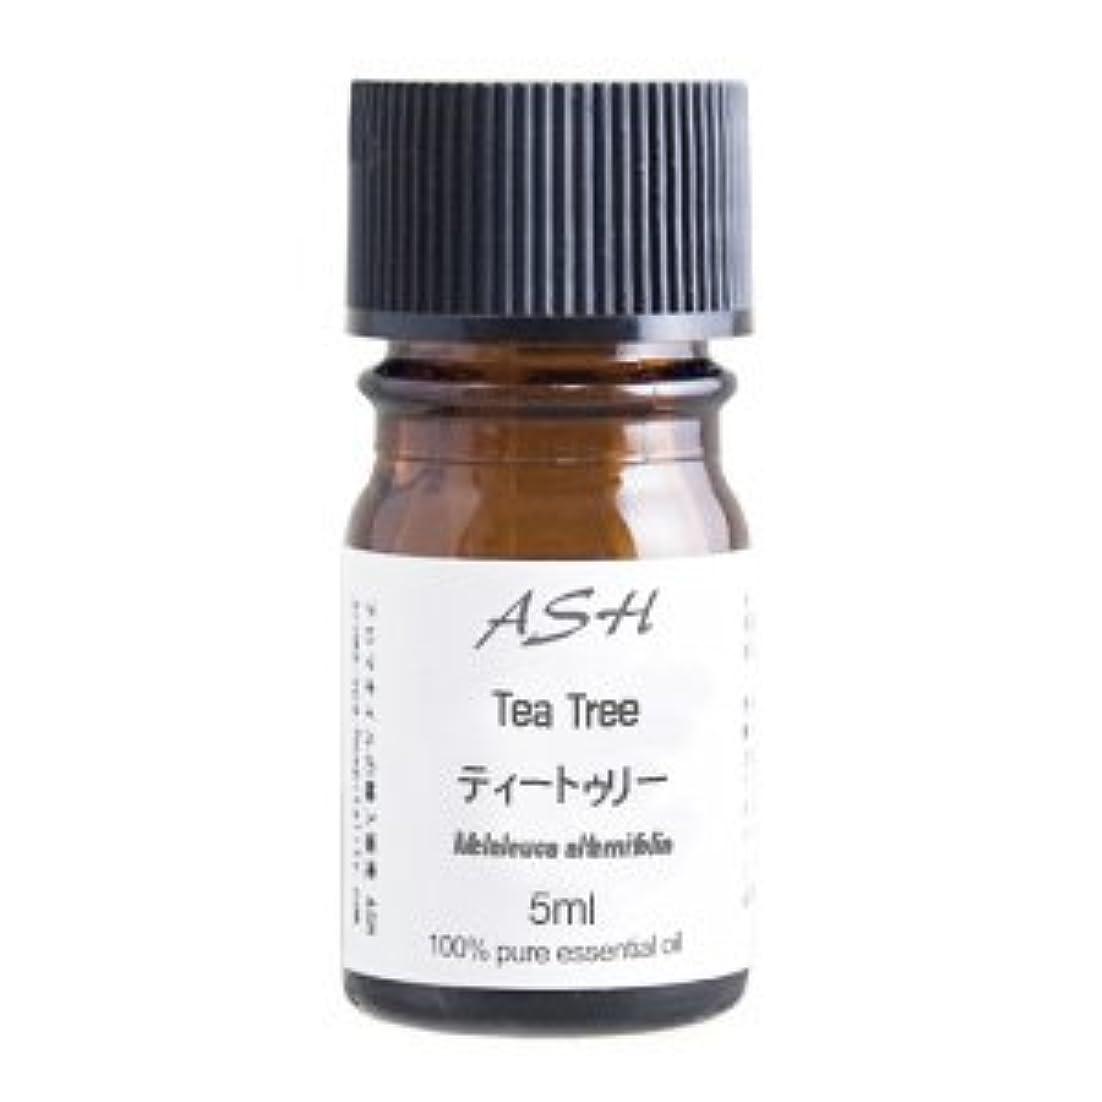 マグ和バンクASH ティートゥリー (ティーツリー) エッセンシャルオイル 5ml AEAJ表示基準適合認定精油